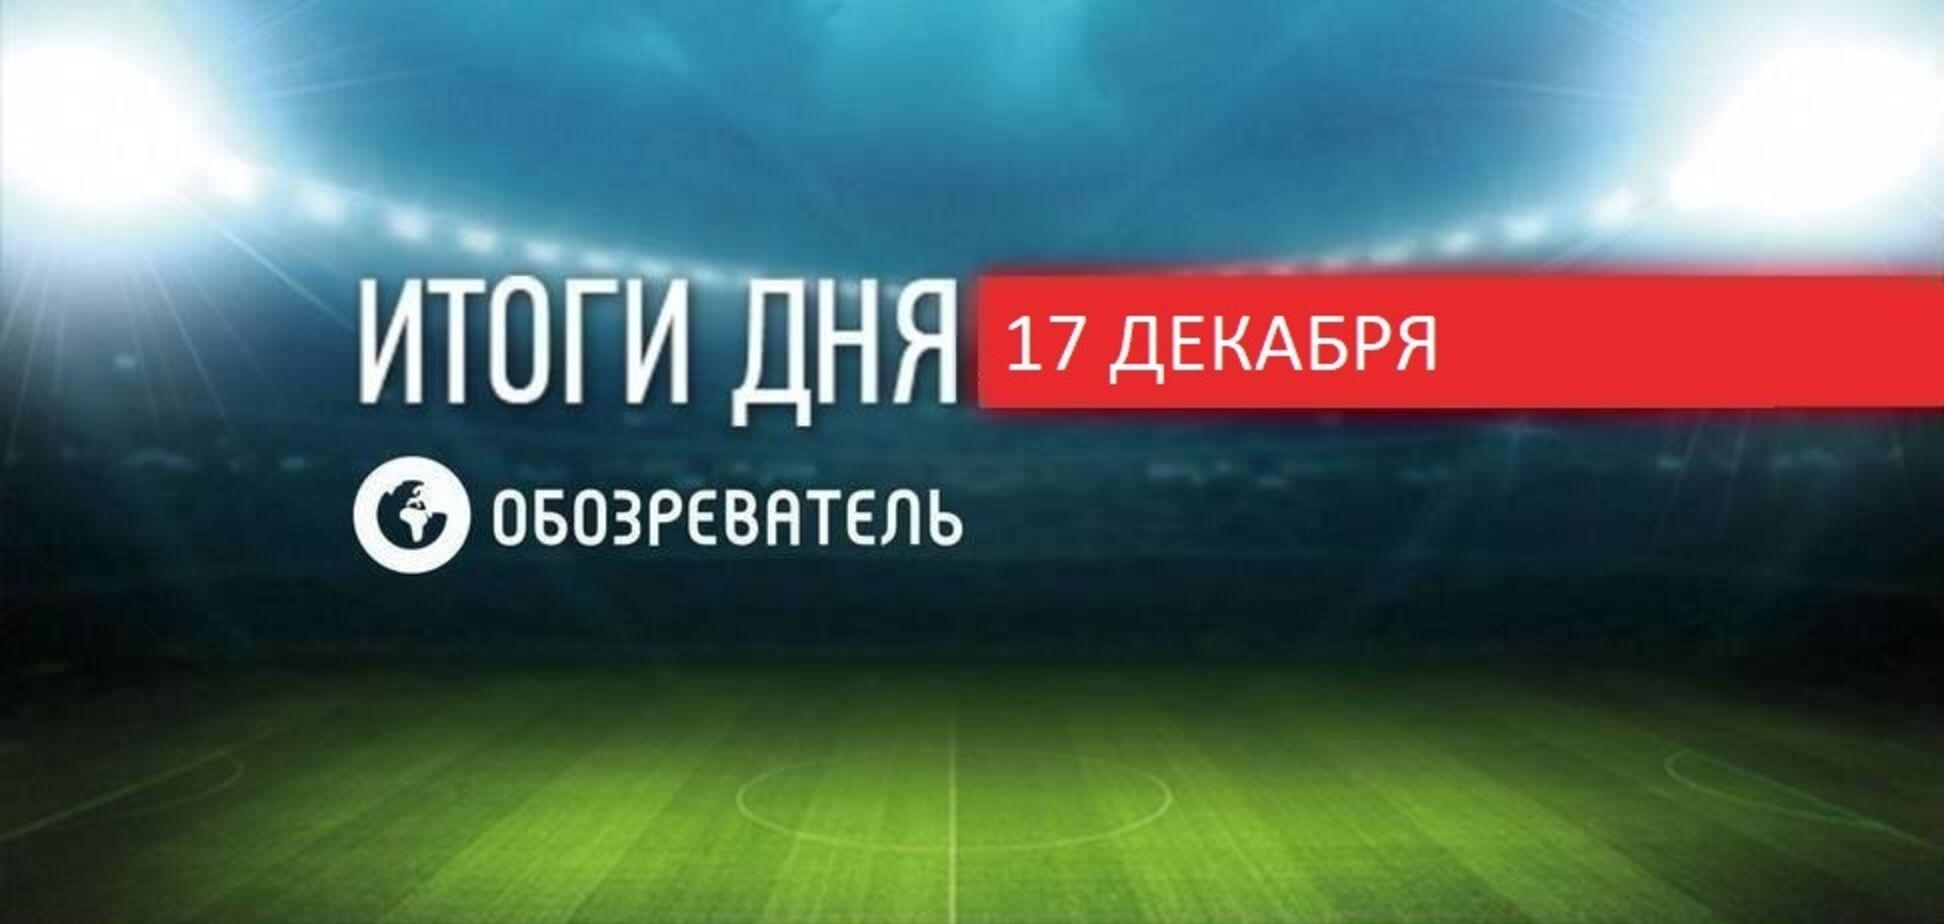 Росію усунули від Олімпіади та ЧС з футболу: спортивні підсумки 17 грудня